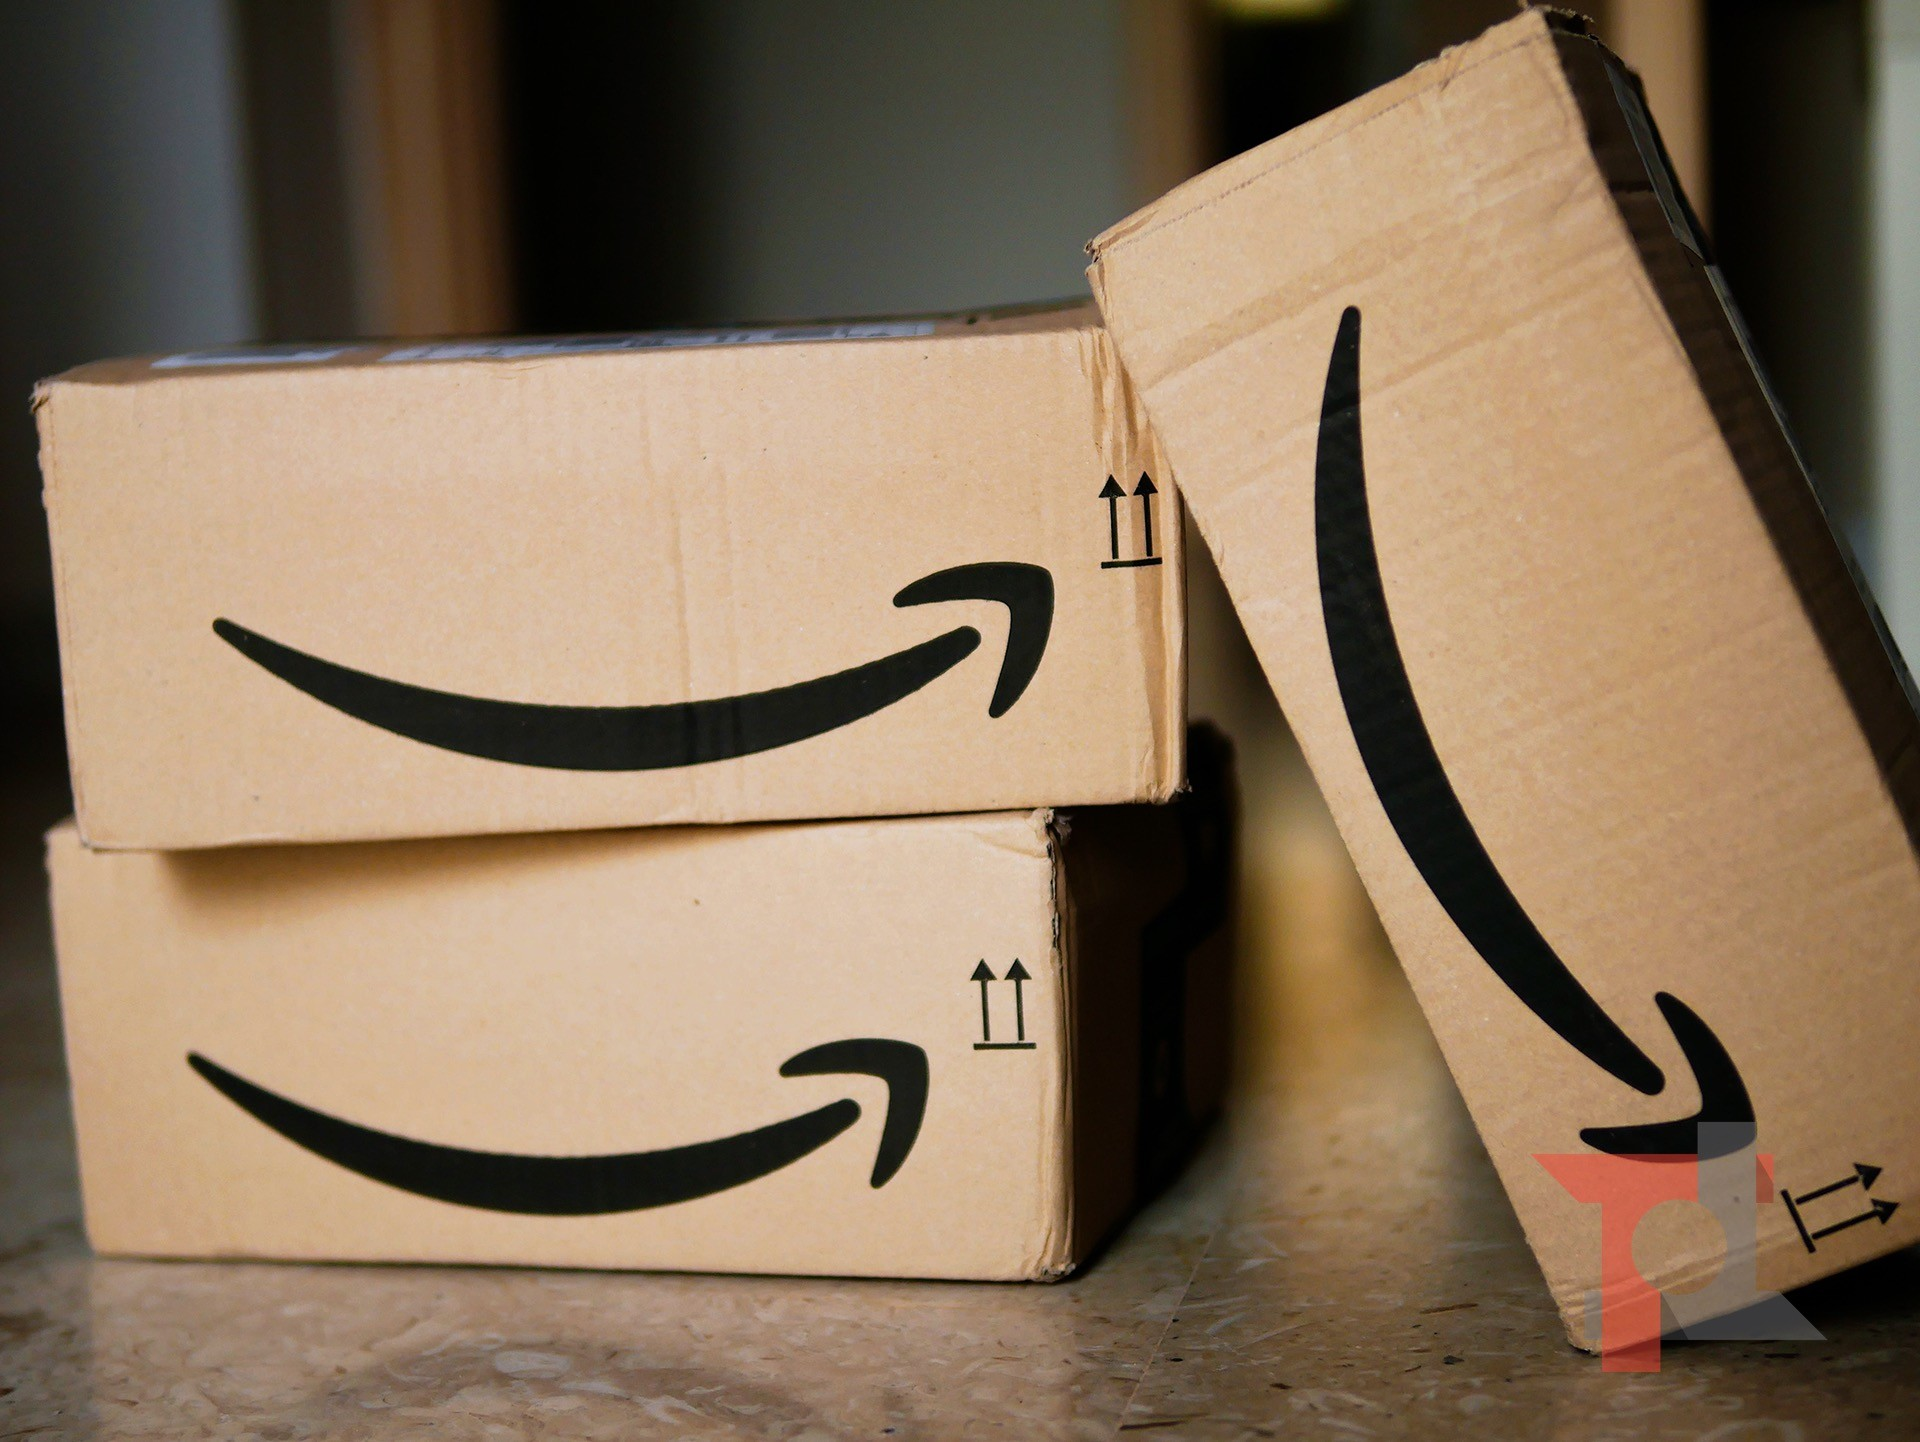 Il Prime Day 2020 di Amazon è ancora dato per certo